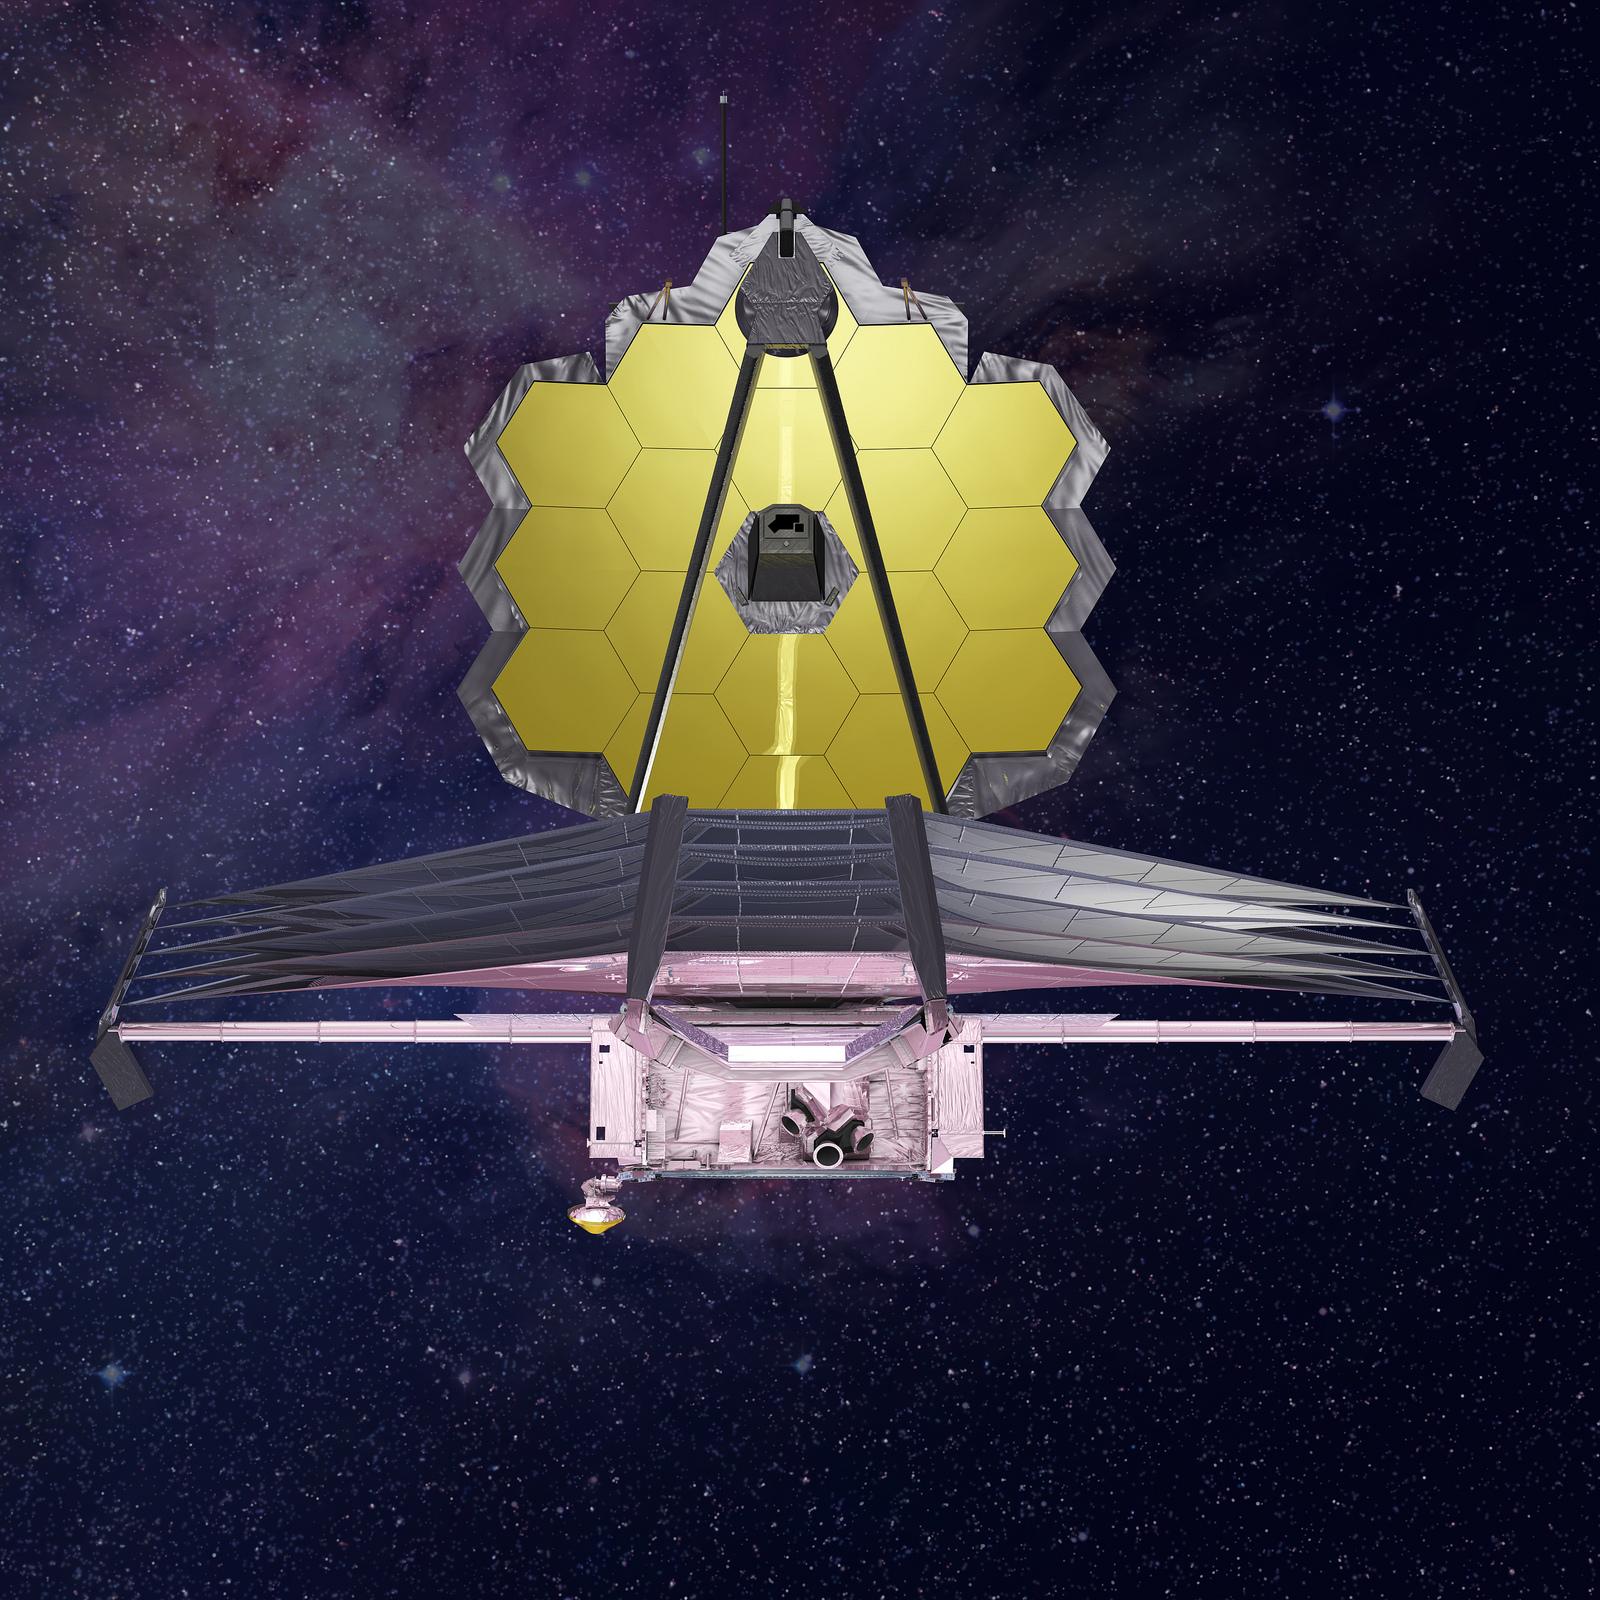 James webb space telescope launch date in Australia